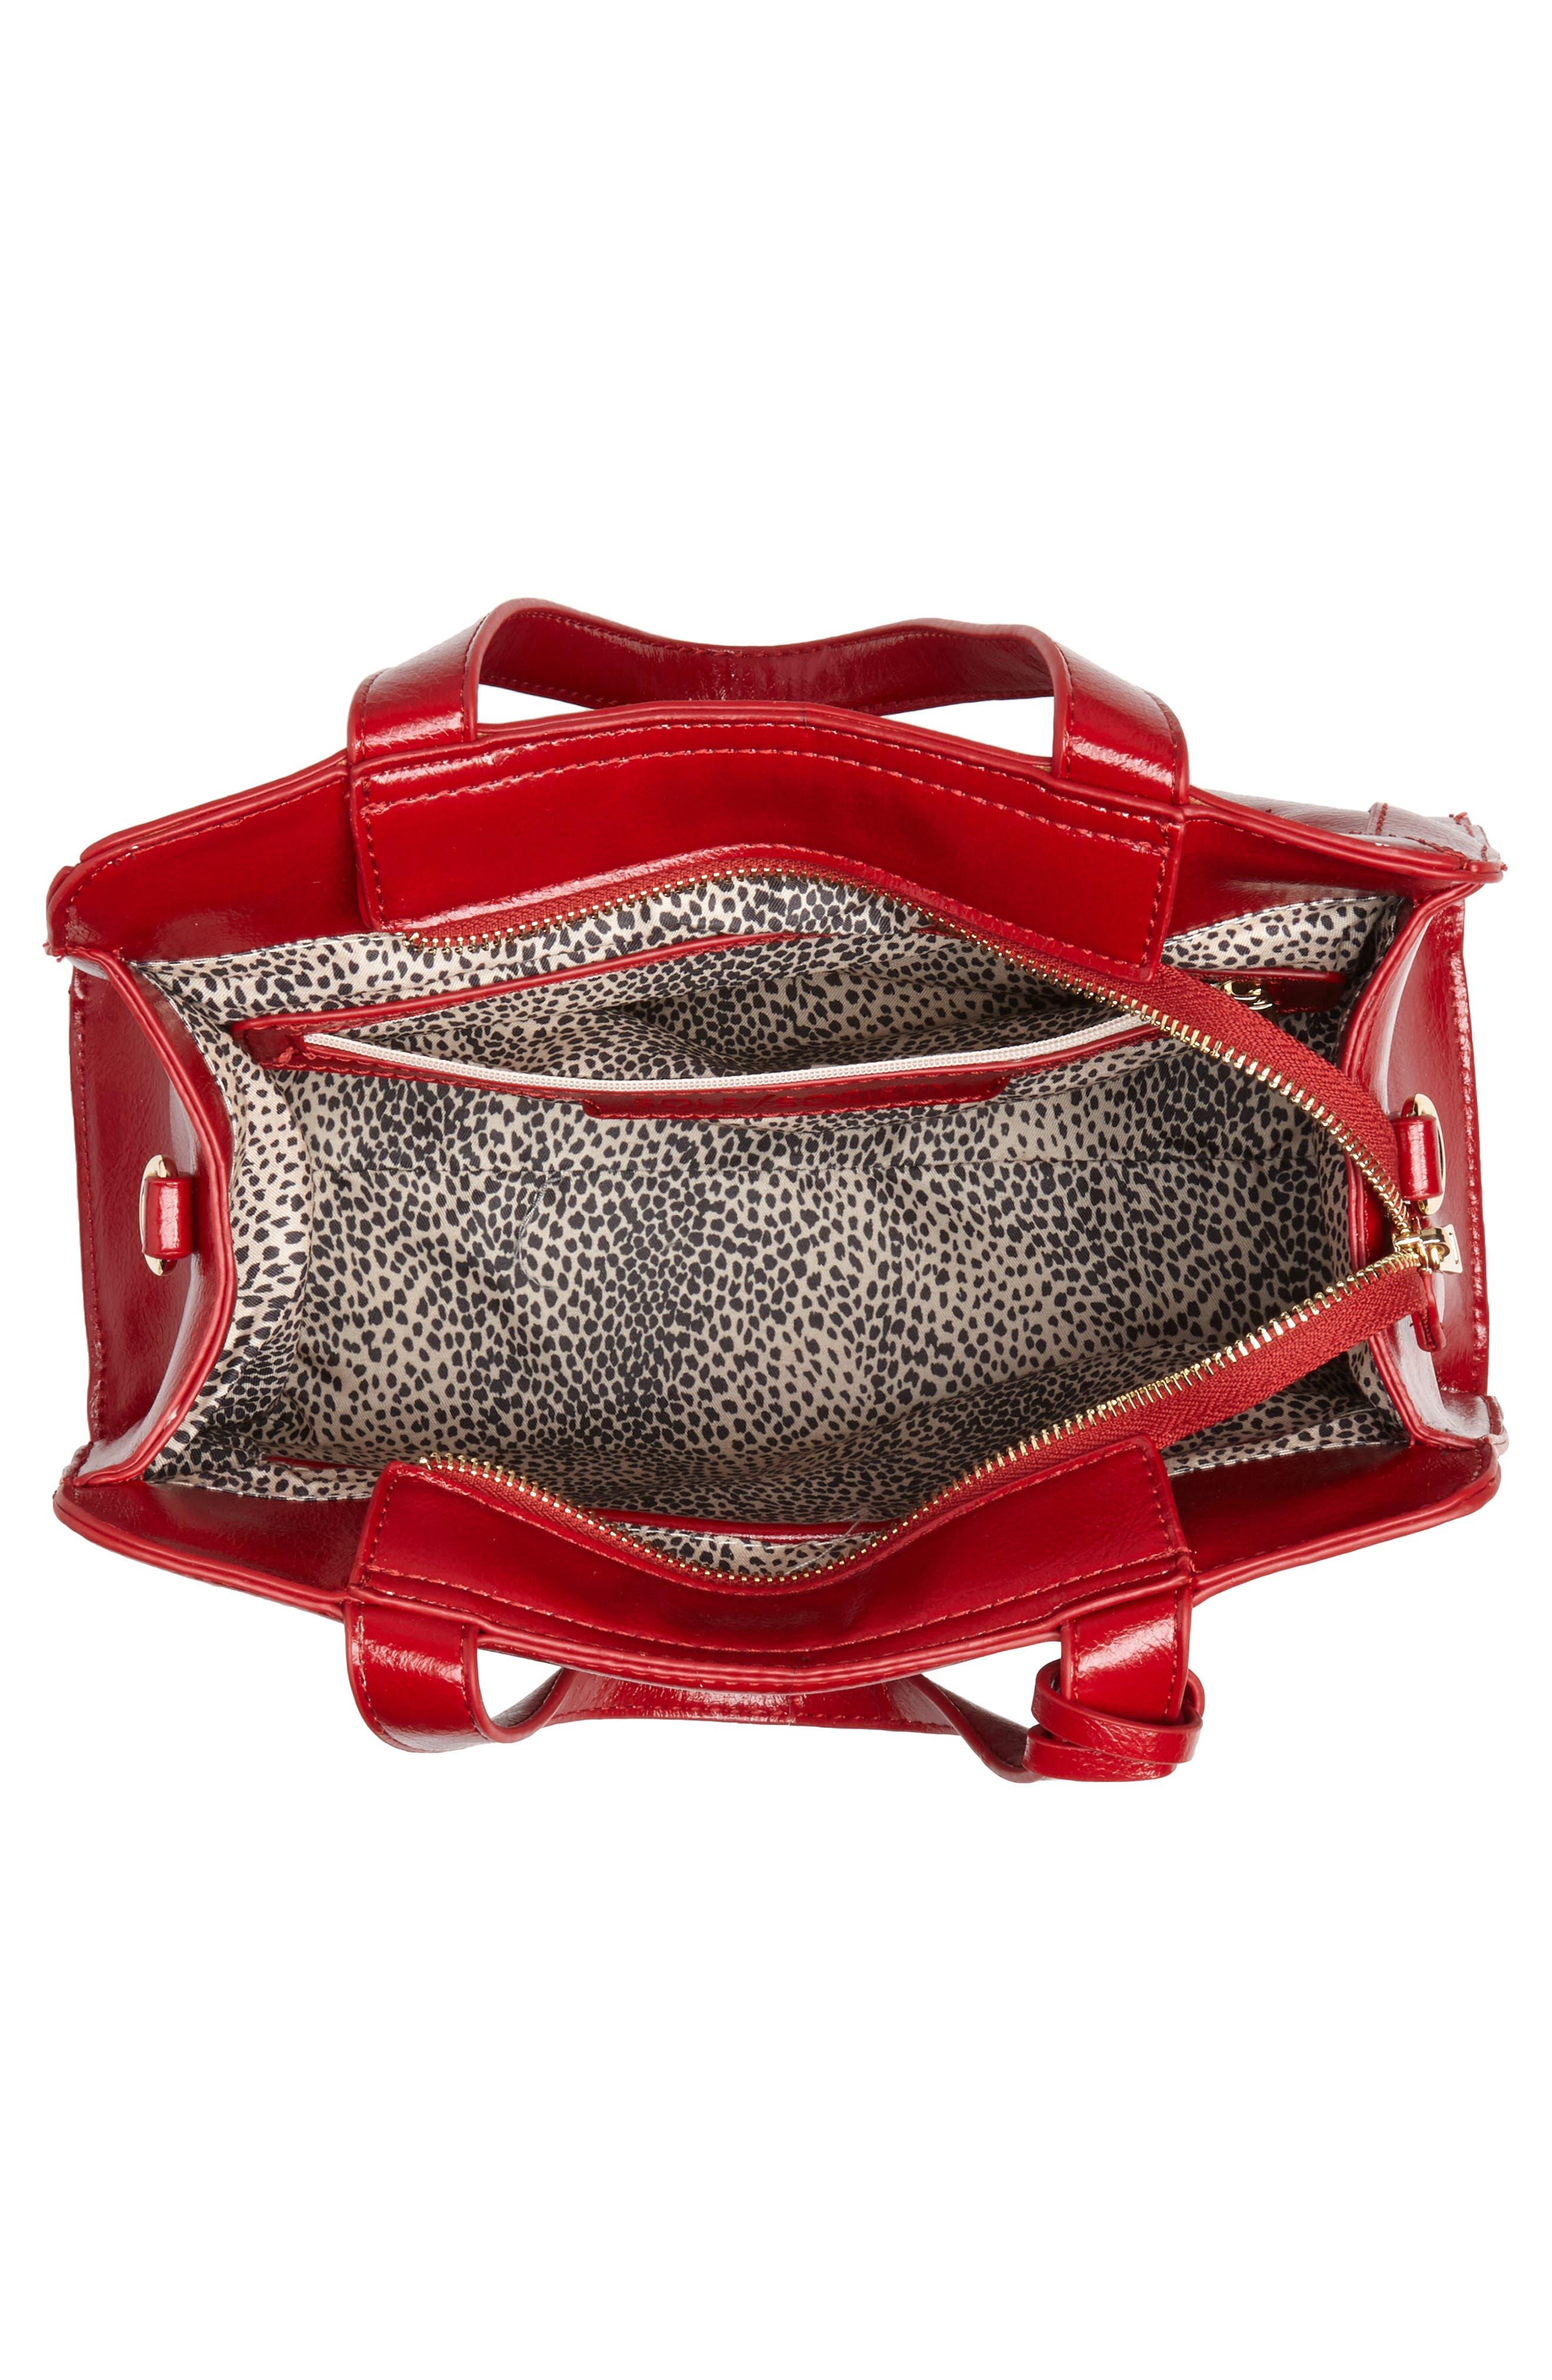 Aisln Faux Leather Satchel,                             Alternate thumbnail 4, color,                             RED